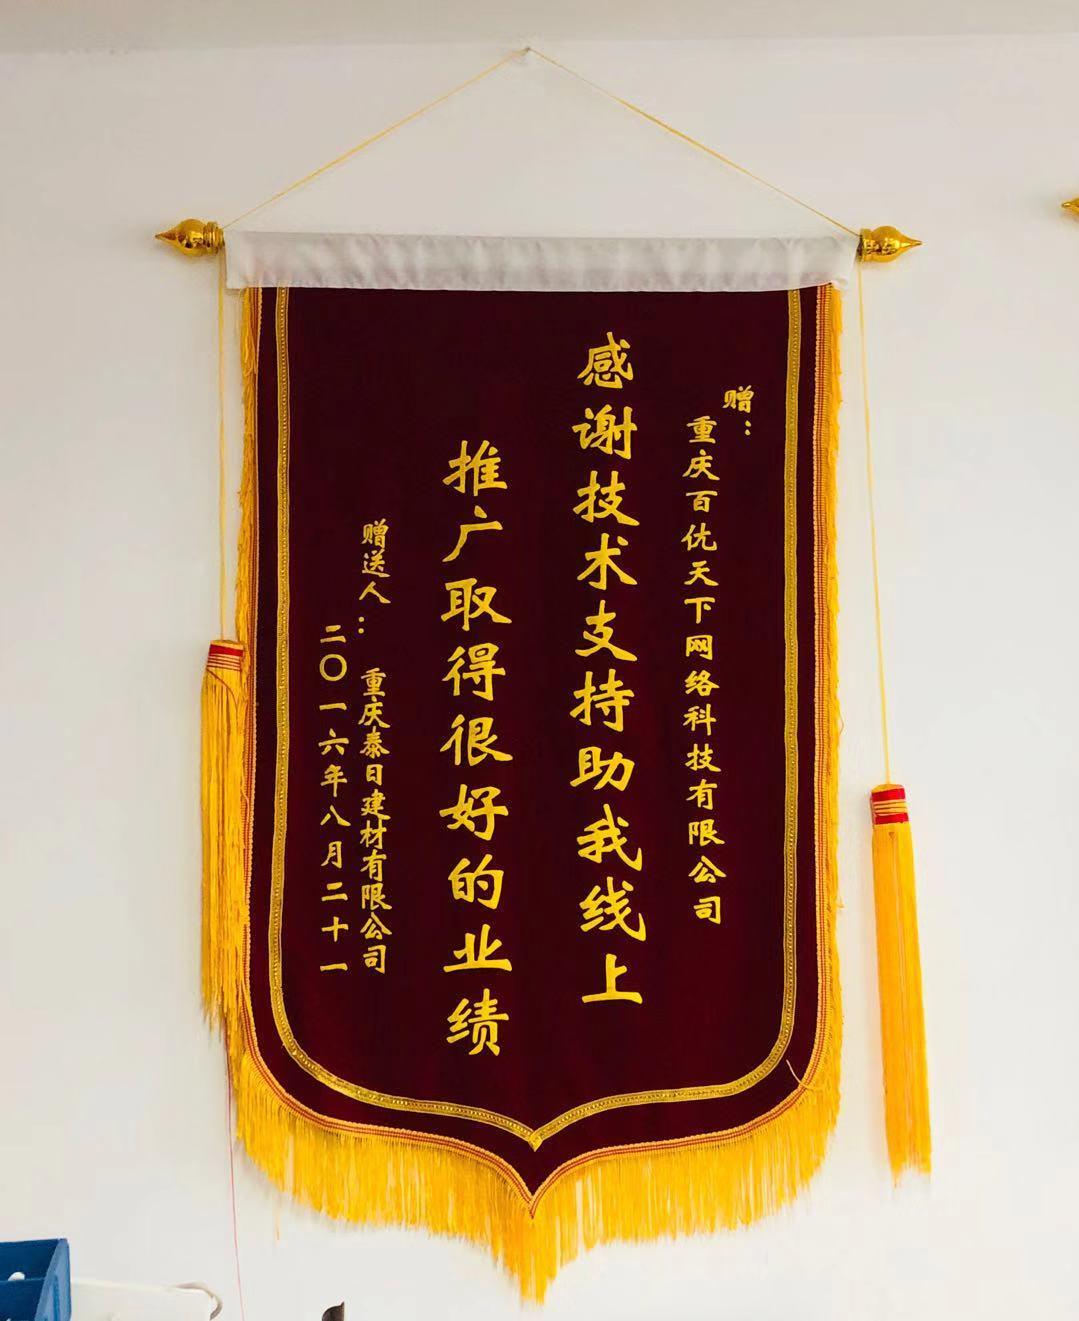 锦旗(3)